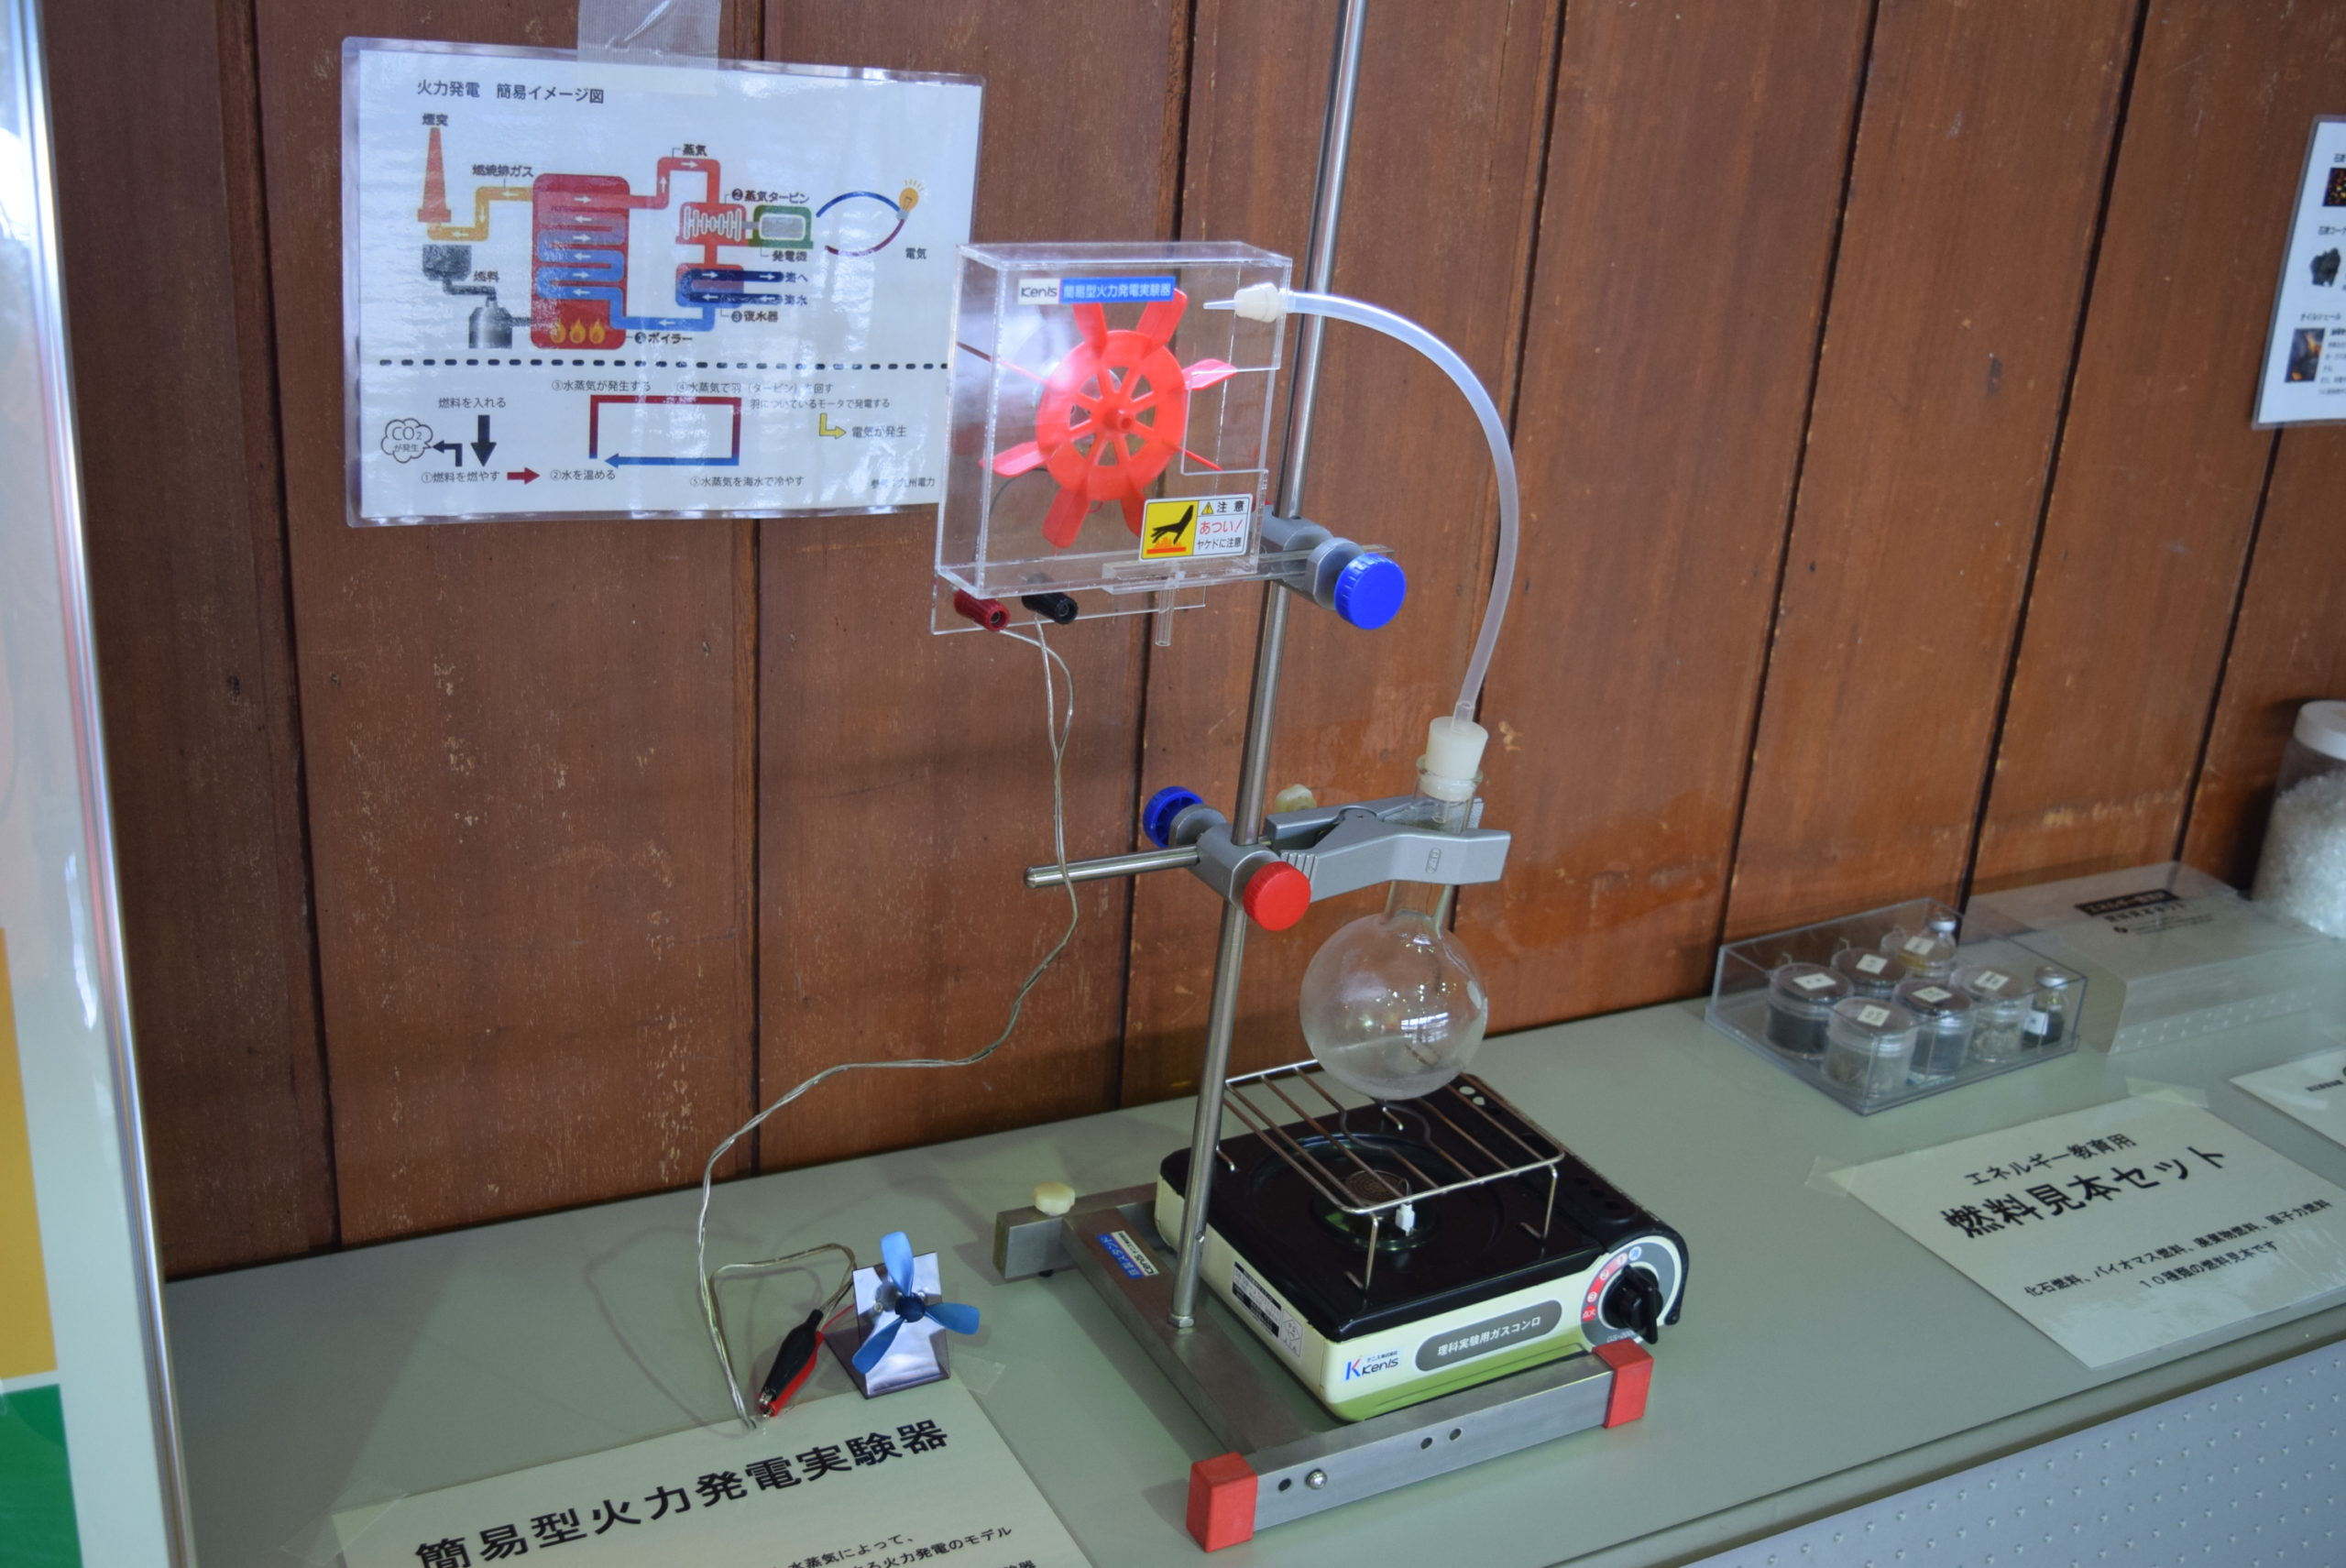 簡易型火力発電実験器:水を温めて蒸気を作り、風車を回して電力を得ることができる装置です。